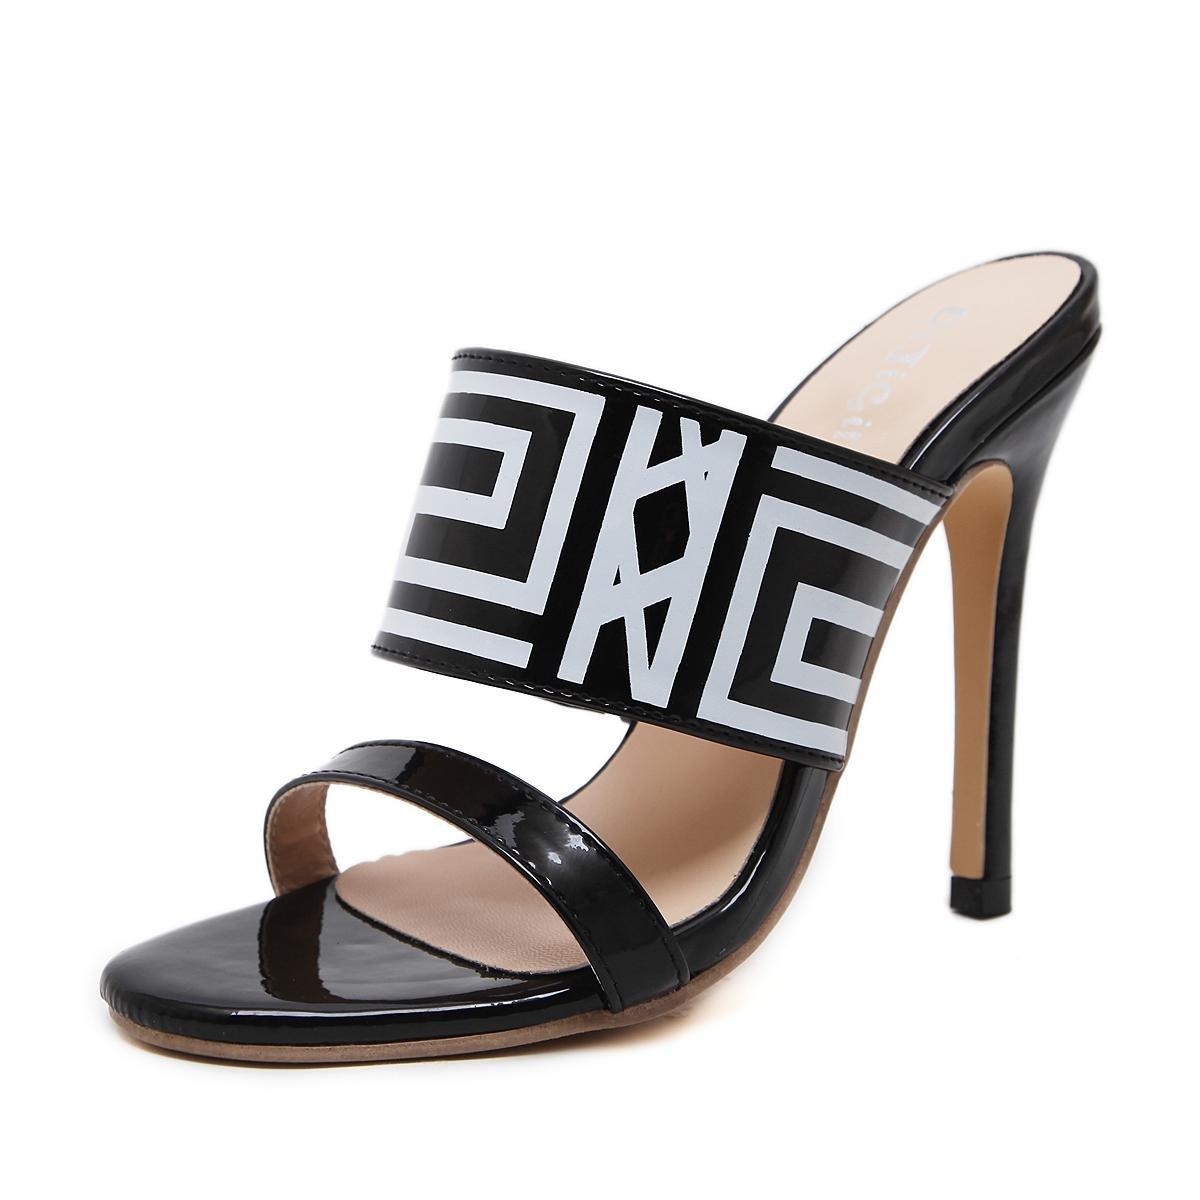 L@YC Femmes Talons à Hauts black arts Et art Confortables Combat Couleurs Fine Chaussons à Talons Hauts Chaussures Confortables black af57ed5 - conorscully.space